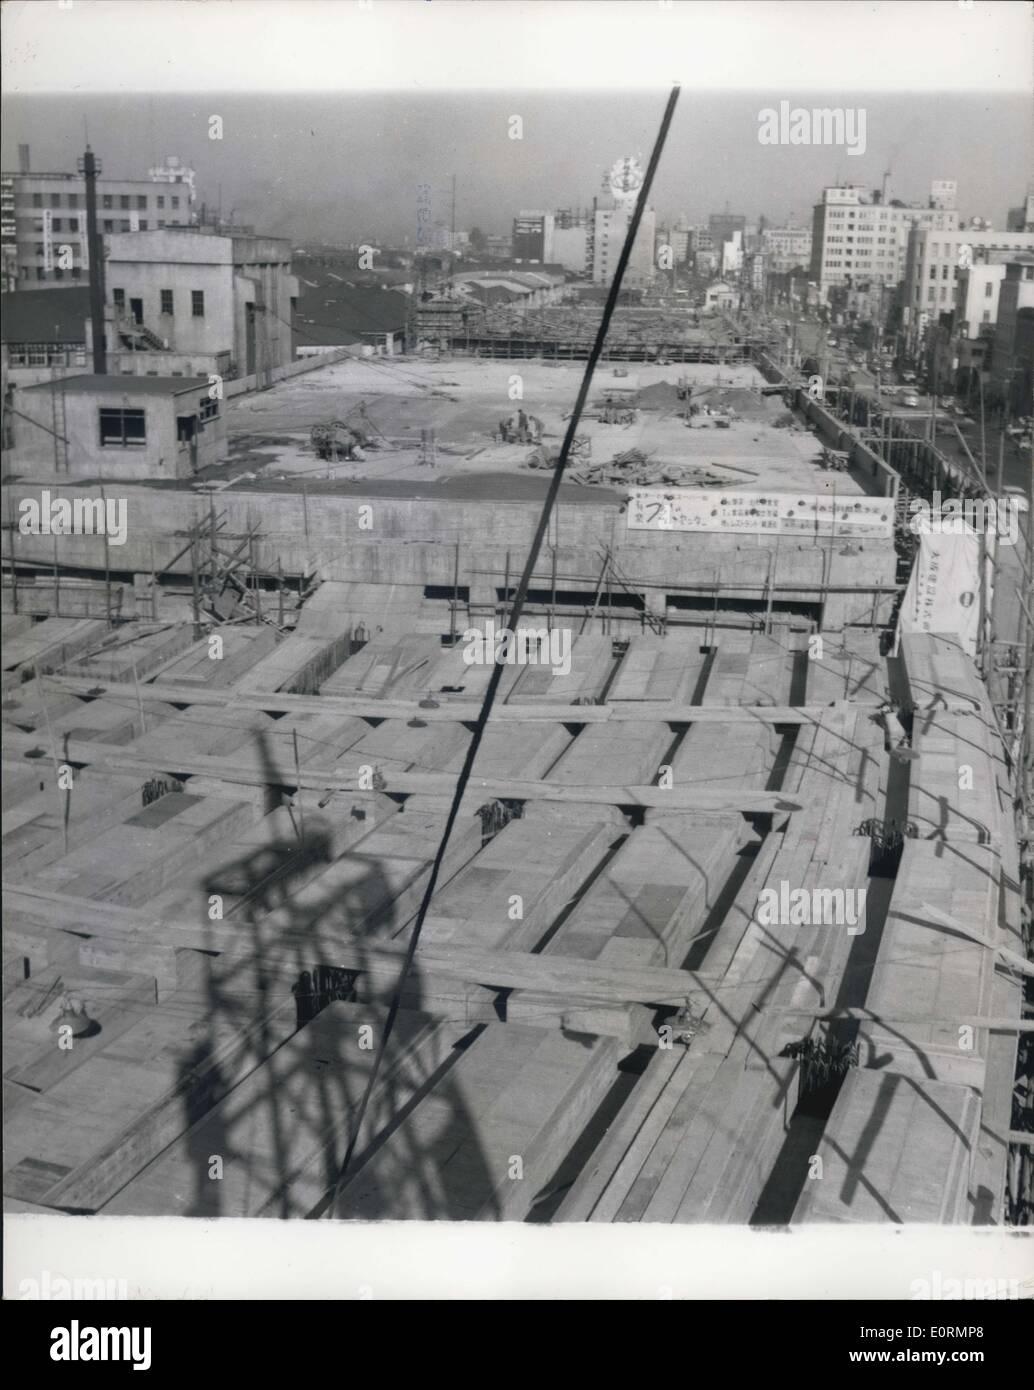 1. Januar 1960 - einer der letzten Abschnitte auszufüllen. Die kontinuierliche Dach des Gebäudes in einer in der Nähe von geraden Strecken dienen als eine schnelle Autobahn von einem belebten Viertel der Stadt. Die weltweit längste Gebäude nähert sich Fertigstellung in Tokio: Dreiviertel einer Meile Straße auf dem Dach lindert Verkehrsprobleme: zu einem Preis von mehr als 2 Millionen Pfund, die längste Bürogebäude der Welt nähert sich der Fertigstellung in Tokio. Von Anfang bis Ende wird das Gebäude Dreiviertel einer Meile dehnen Stockbild